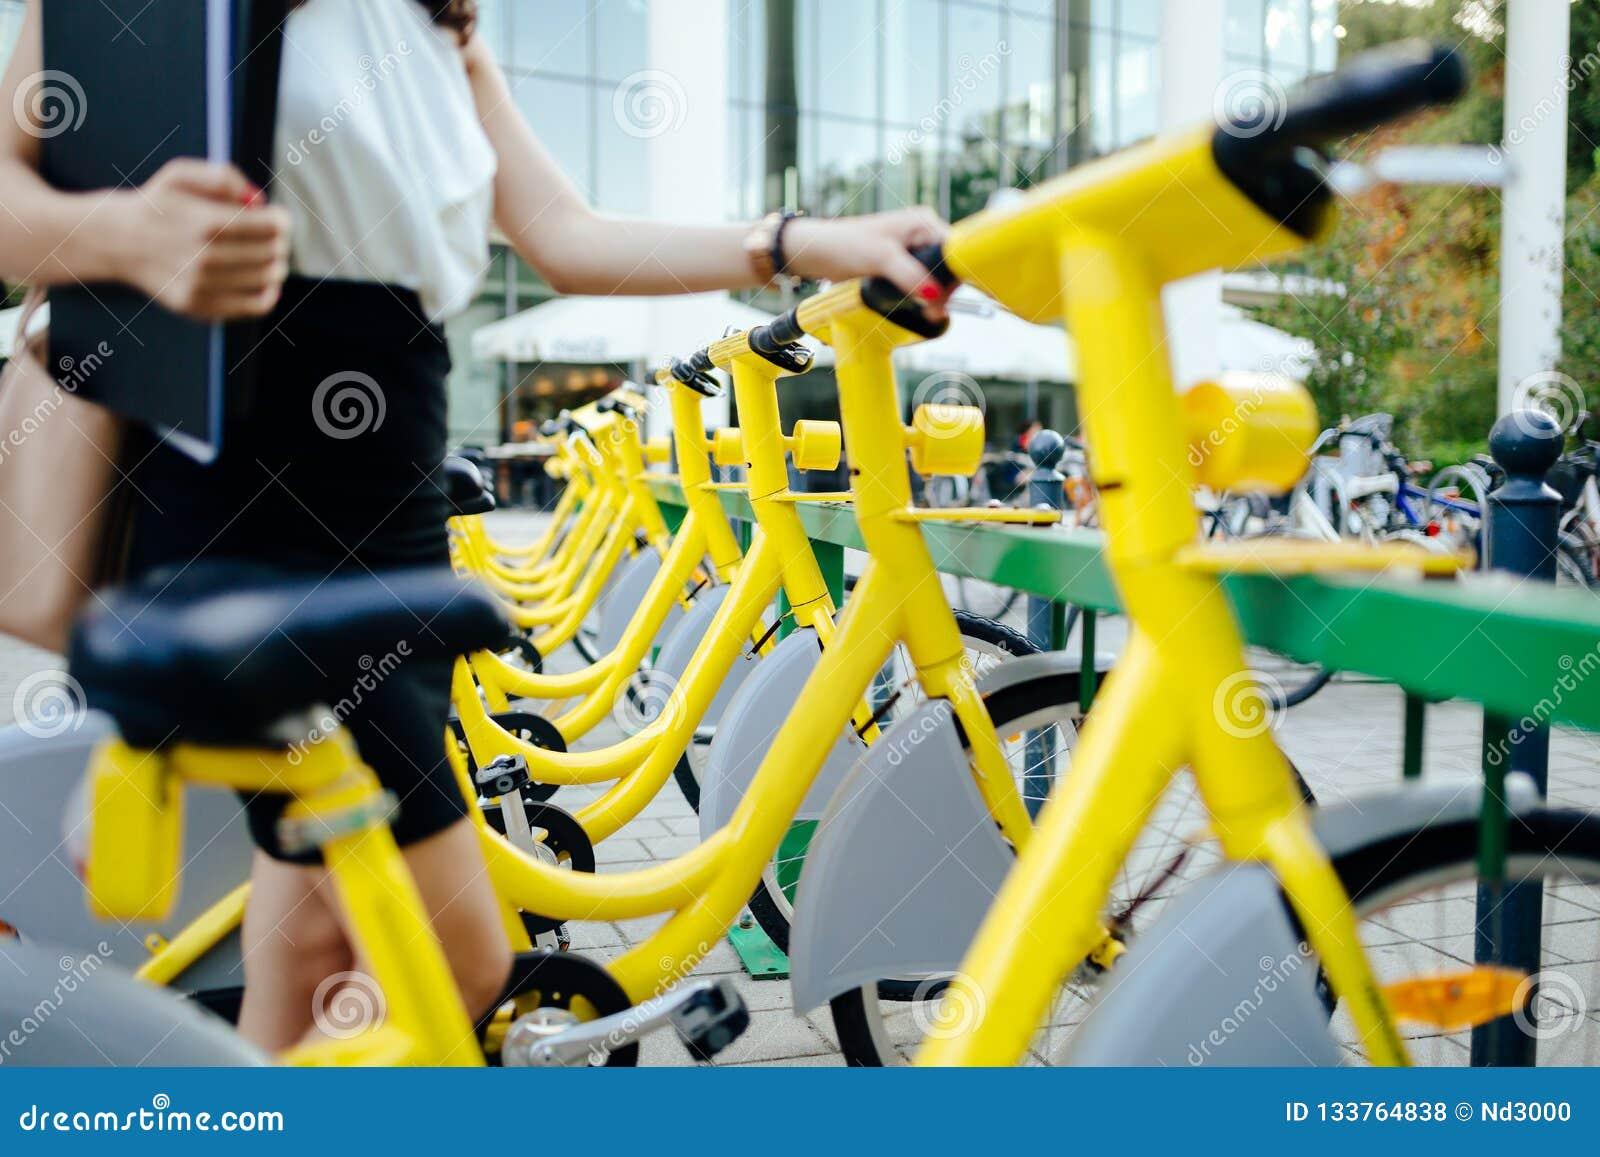 Bicis rentables de la ciudad del eco